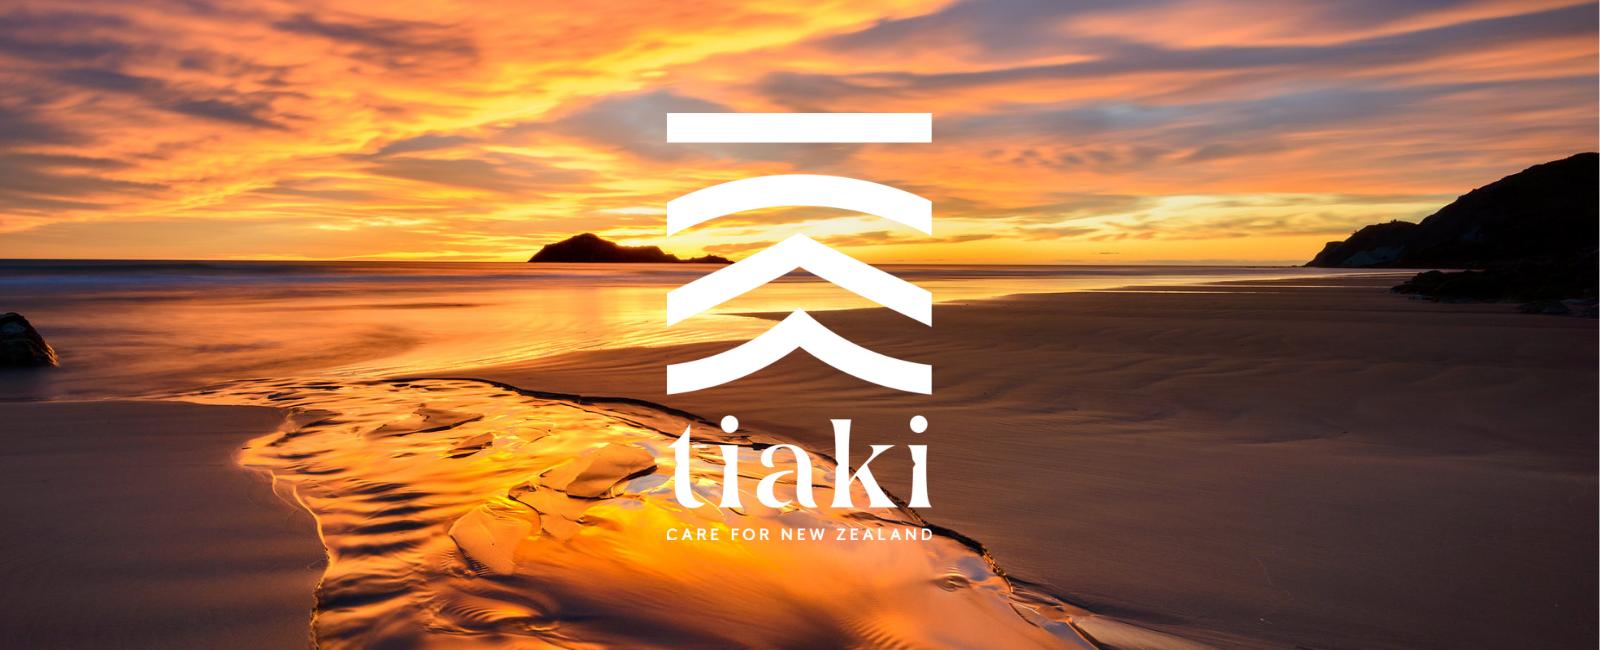 Tiaki Promise - Cuidando da Nova Zelândia